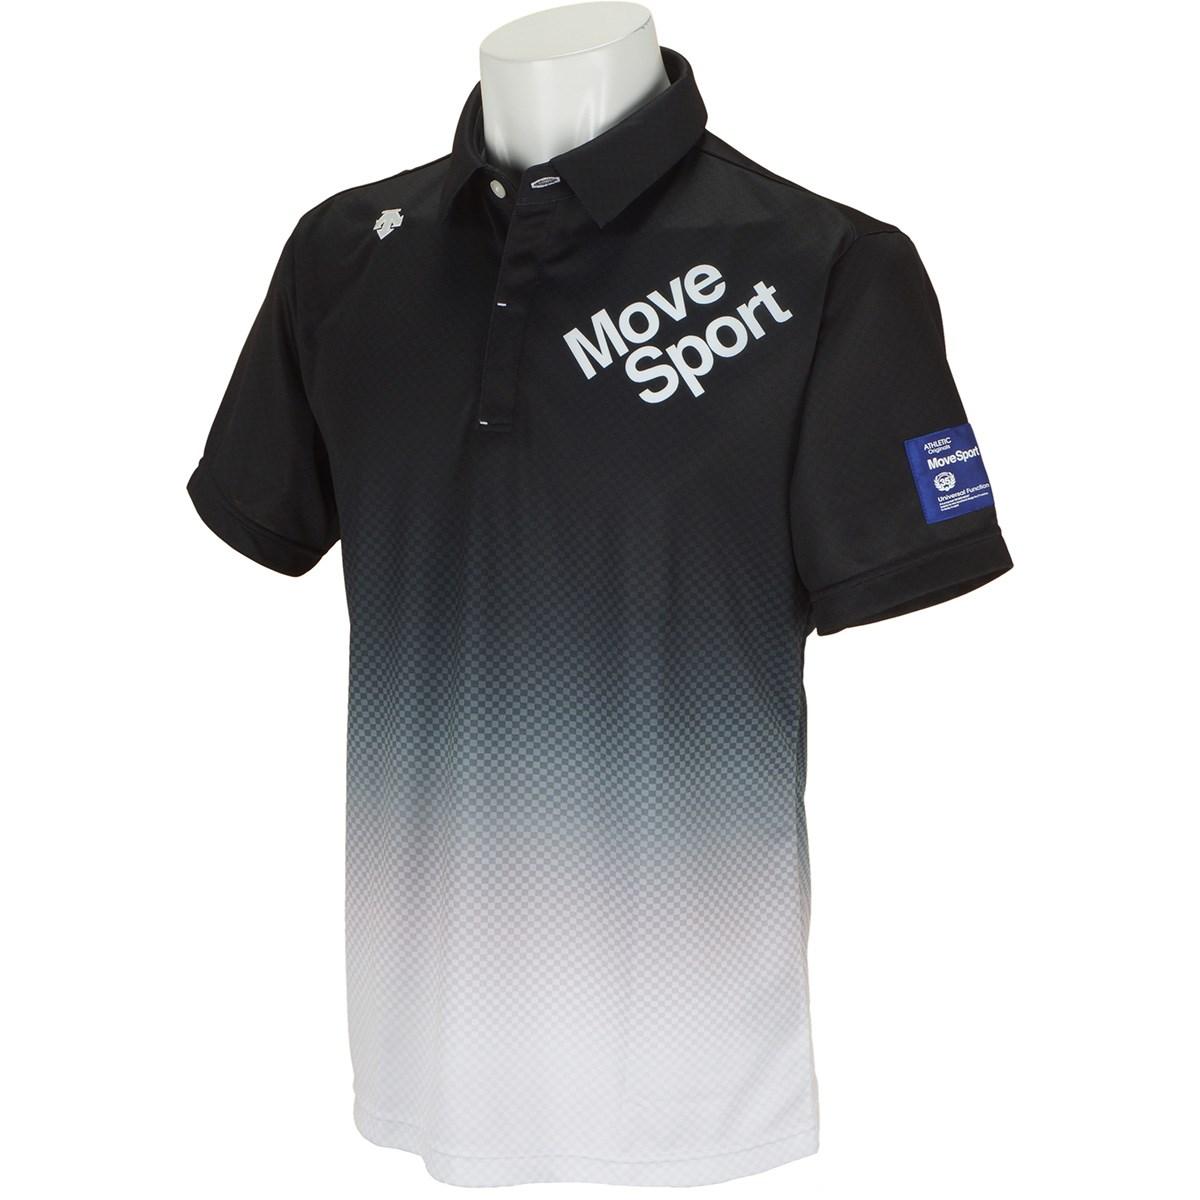 デサントゴルフ(DESCENTE GOLF) BLUE LABEL グラデーション市松プリントリバースメッシュ 半袖ポロシャツ